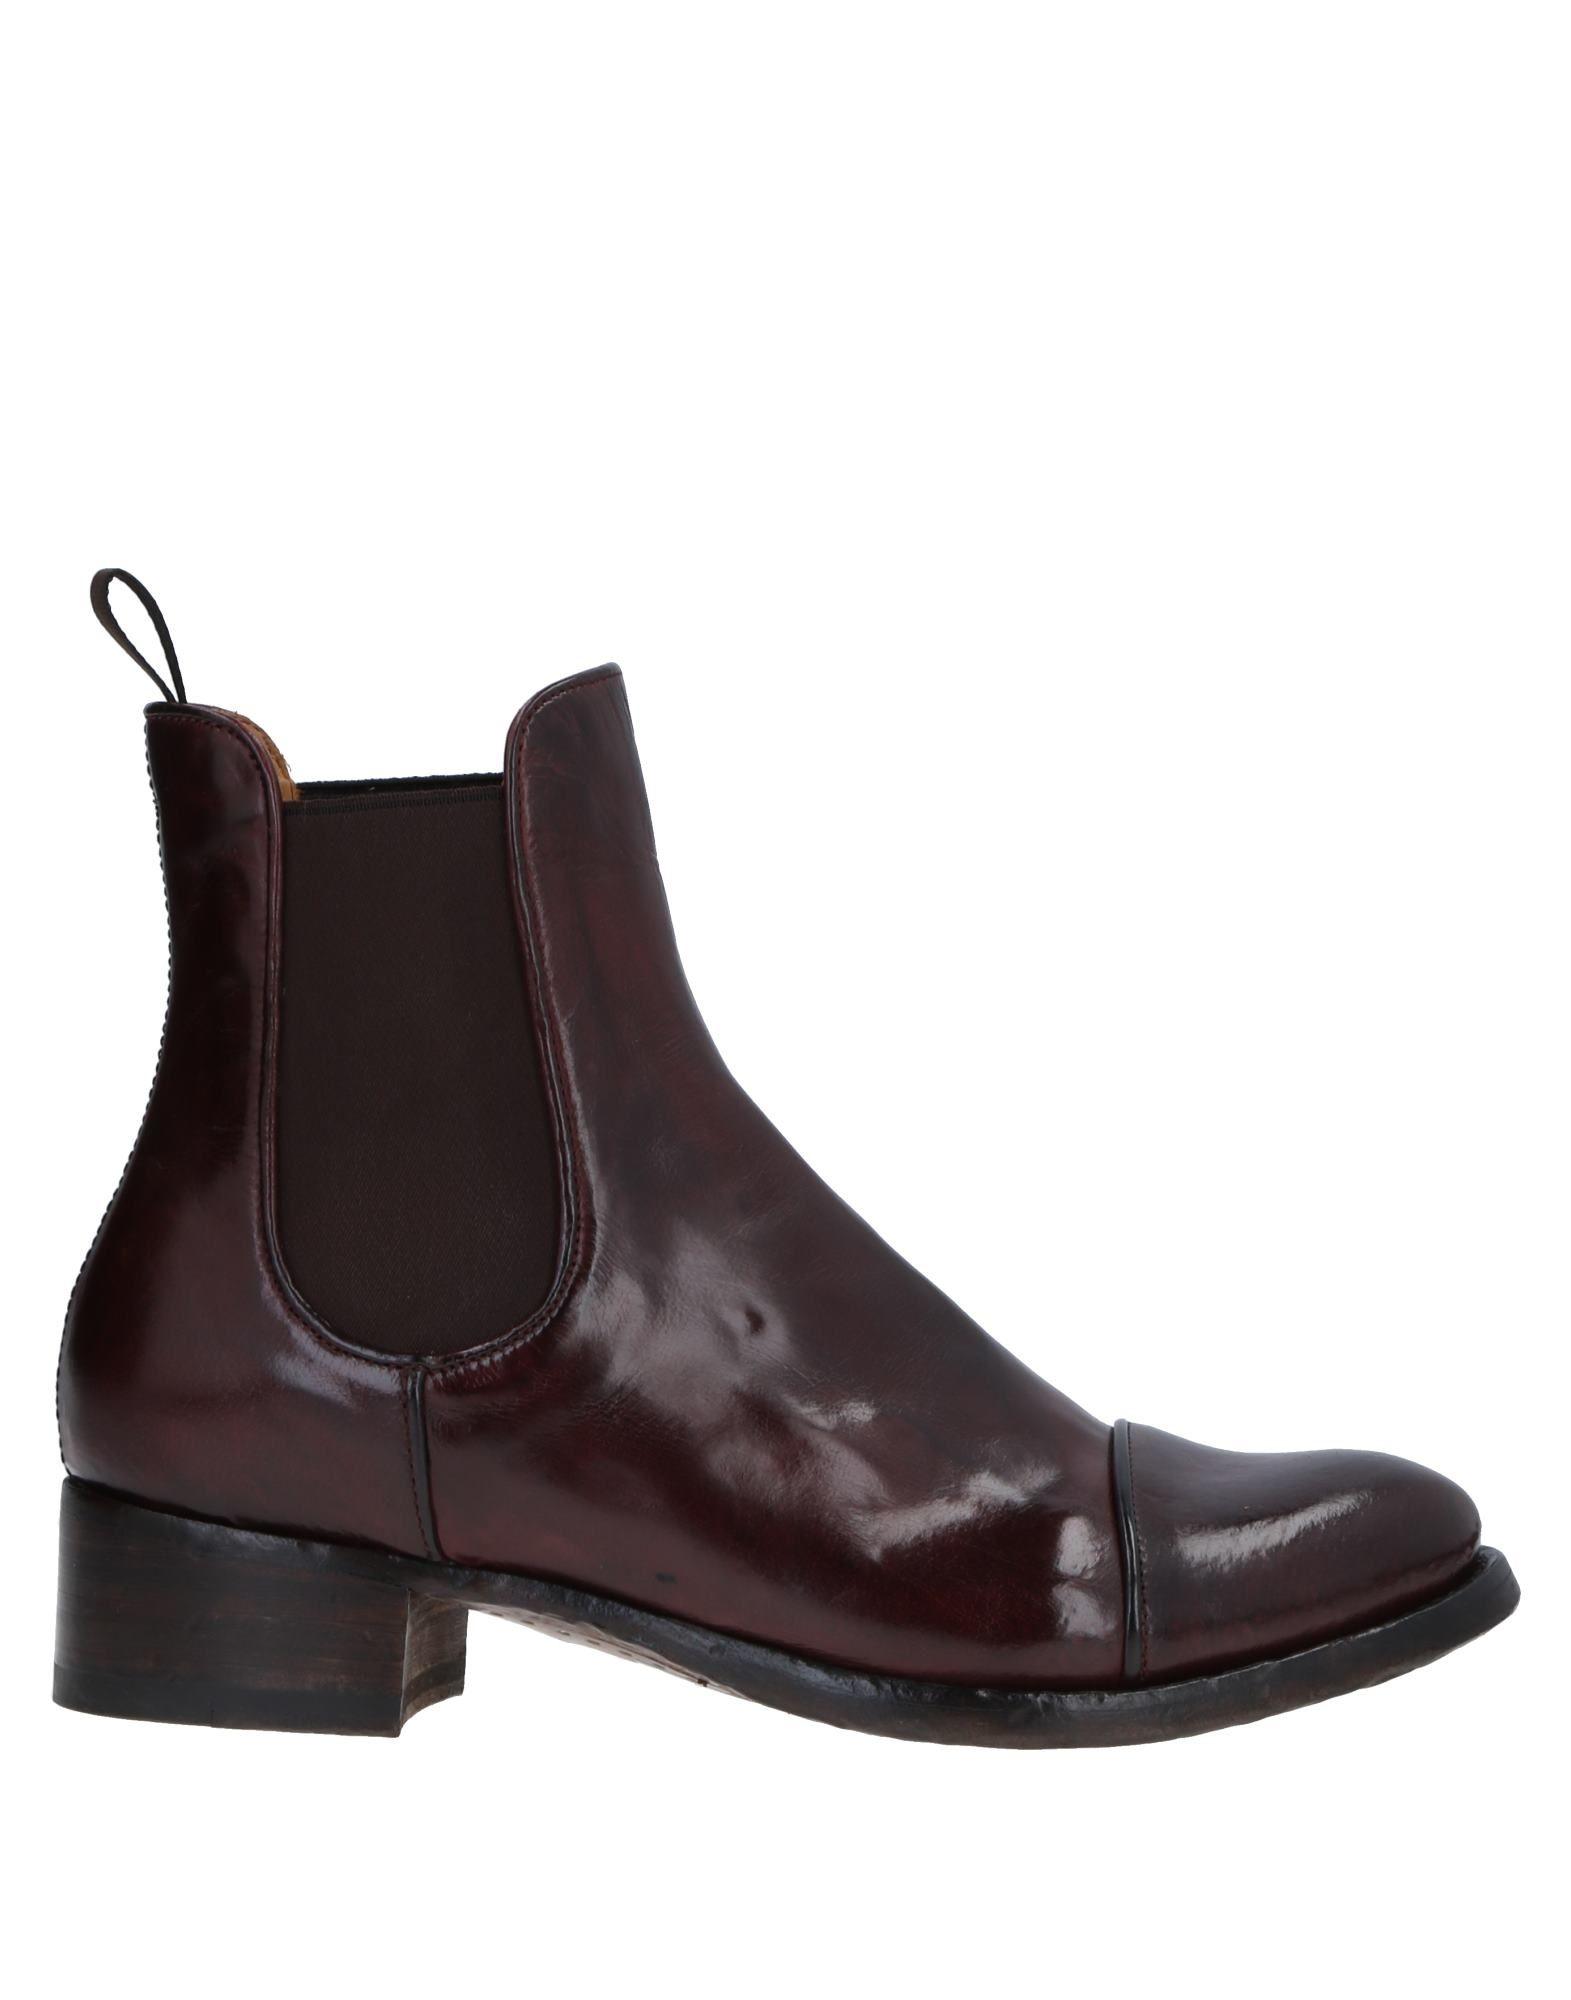 Chelsea Boots Officine Creative Italia Donna - 11516746SO